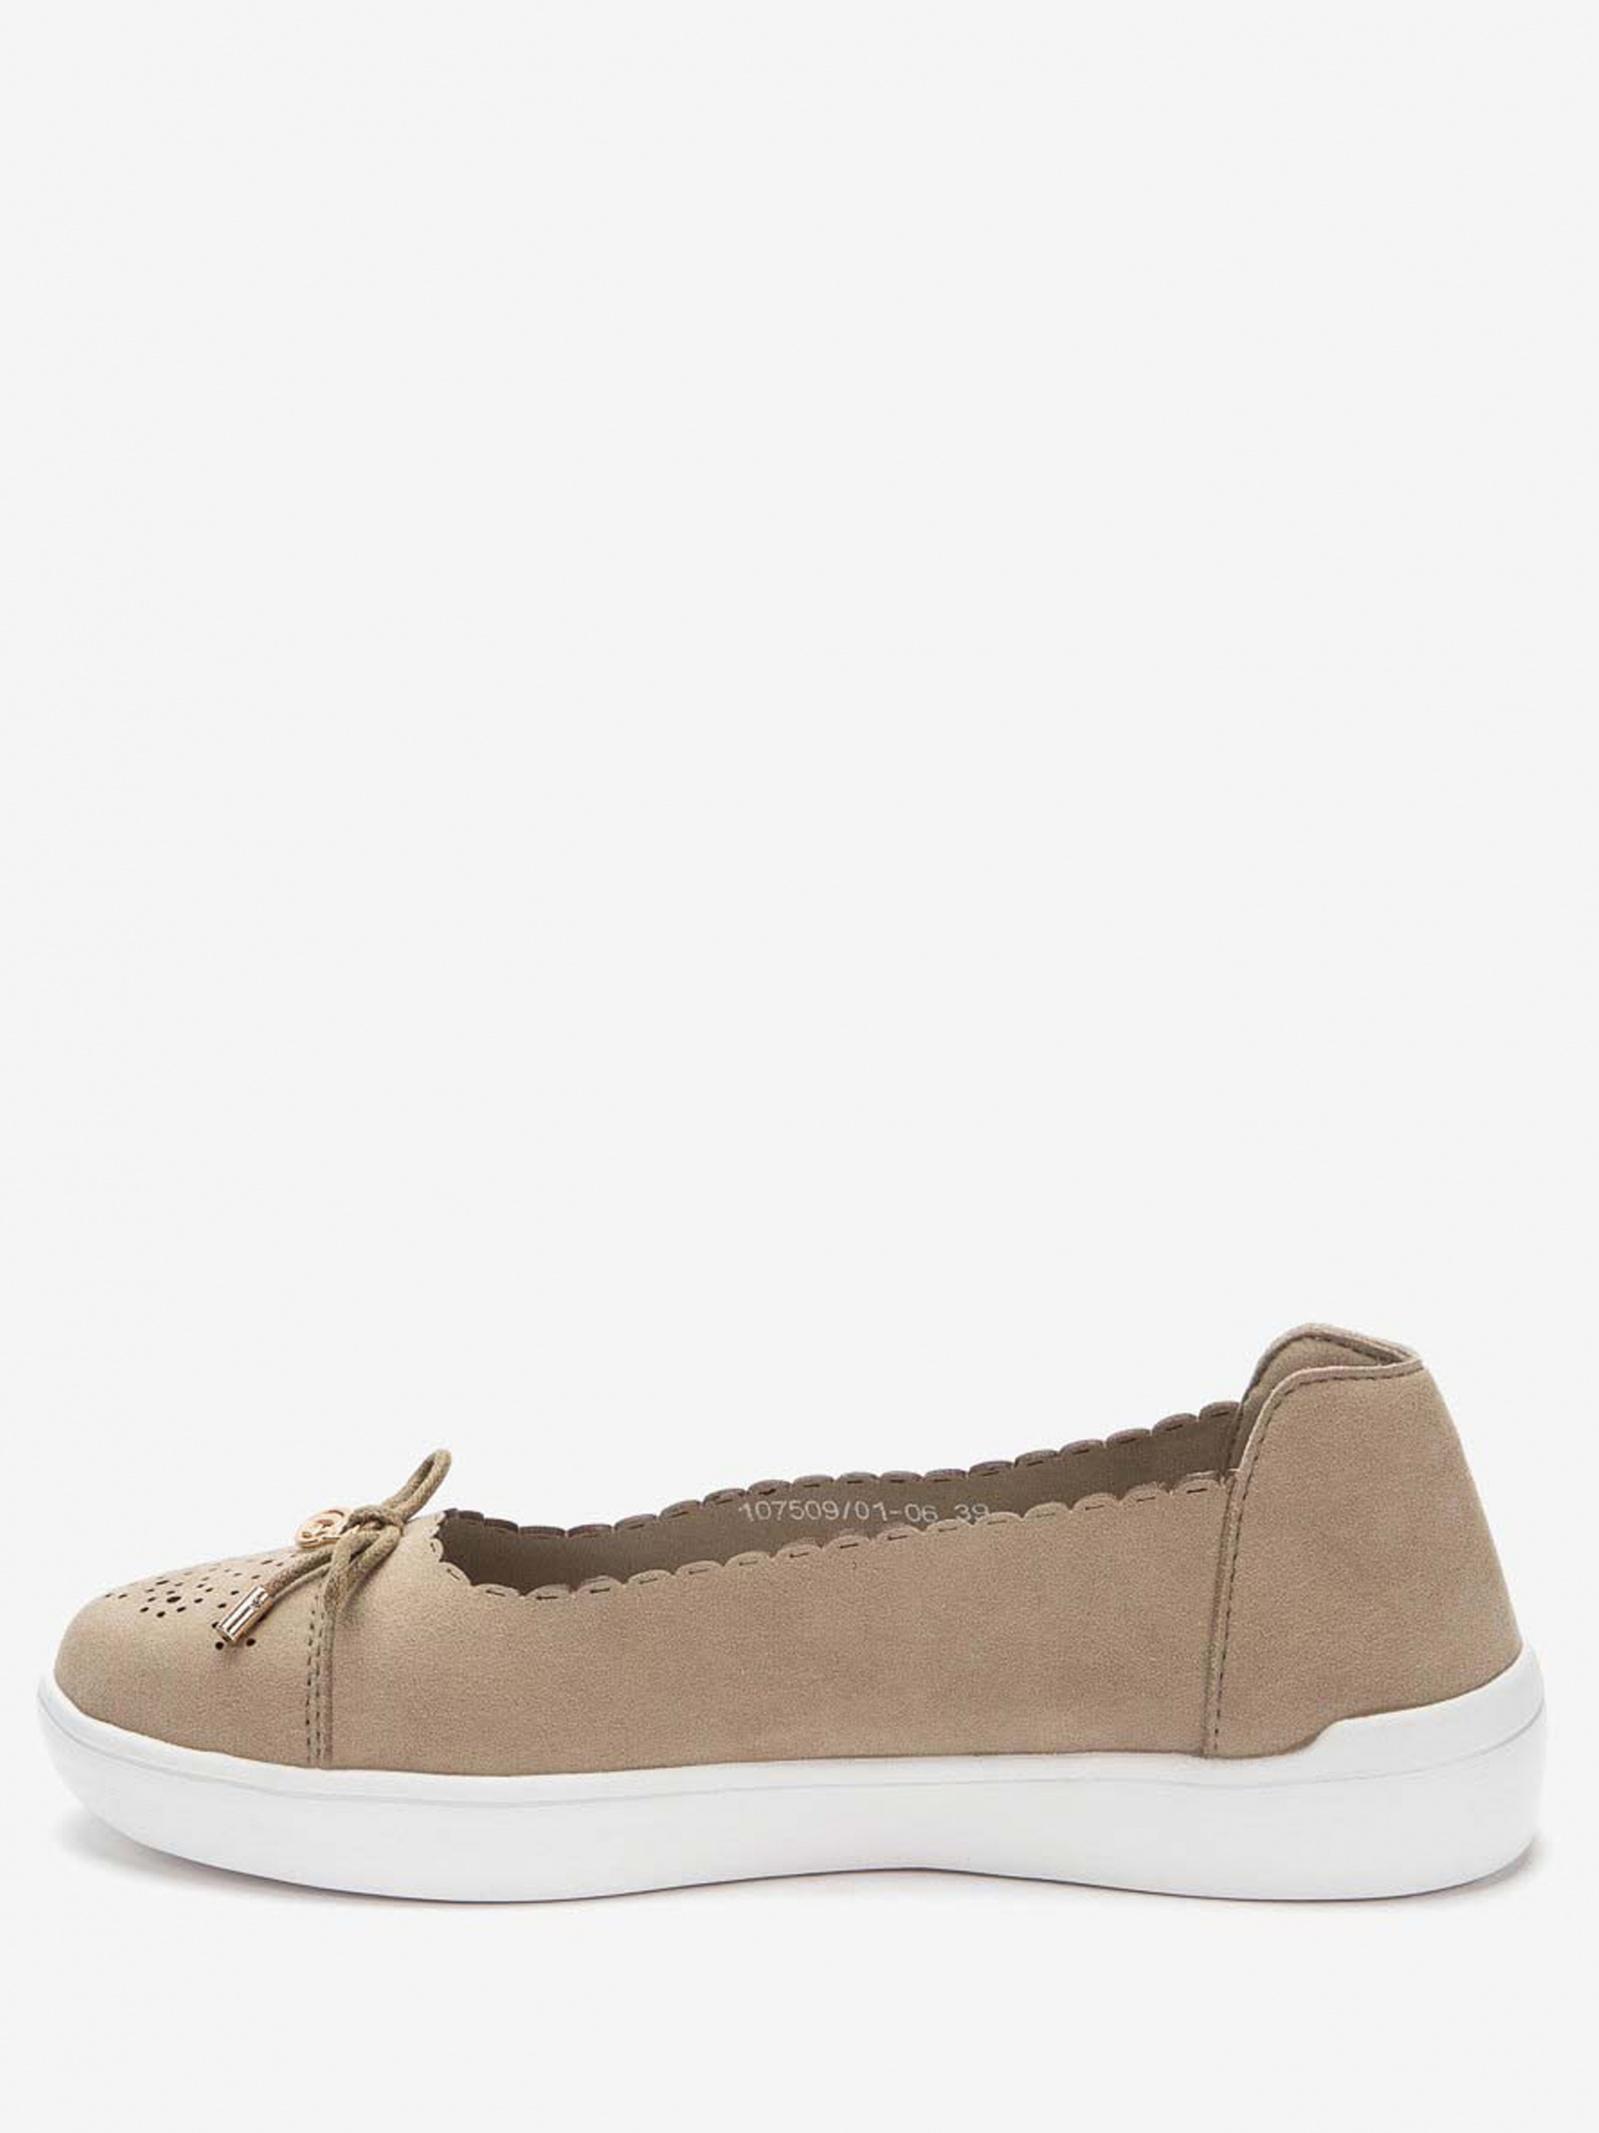 Балетки  для жінок Grunberg 107509/01-06 107509/01-06 брендове взуття, 2017